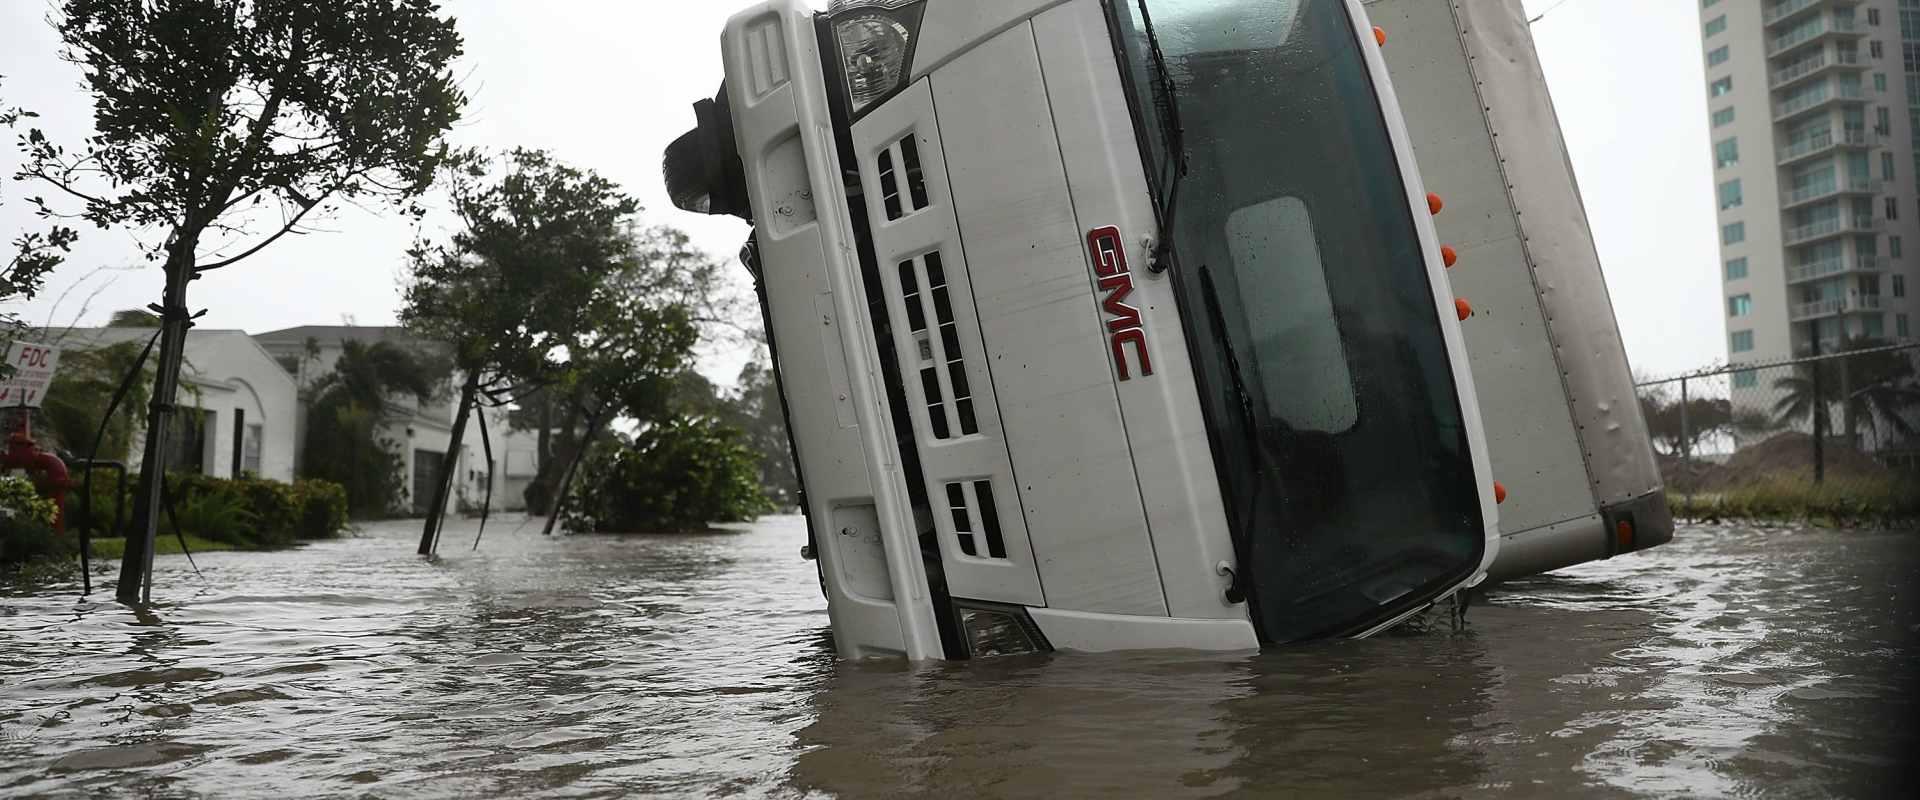 נזקי ההצפות במיאמי, פלורידה לאחר הסופה